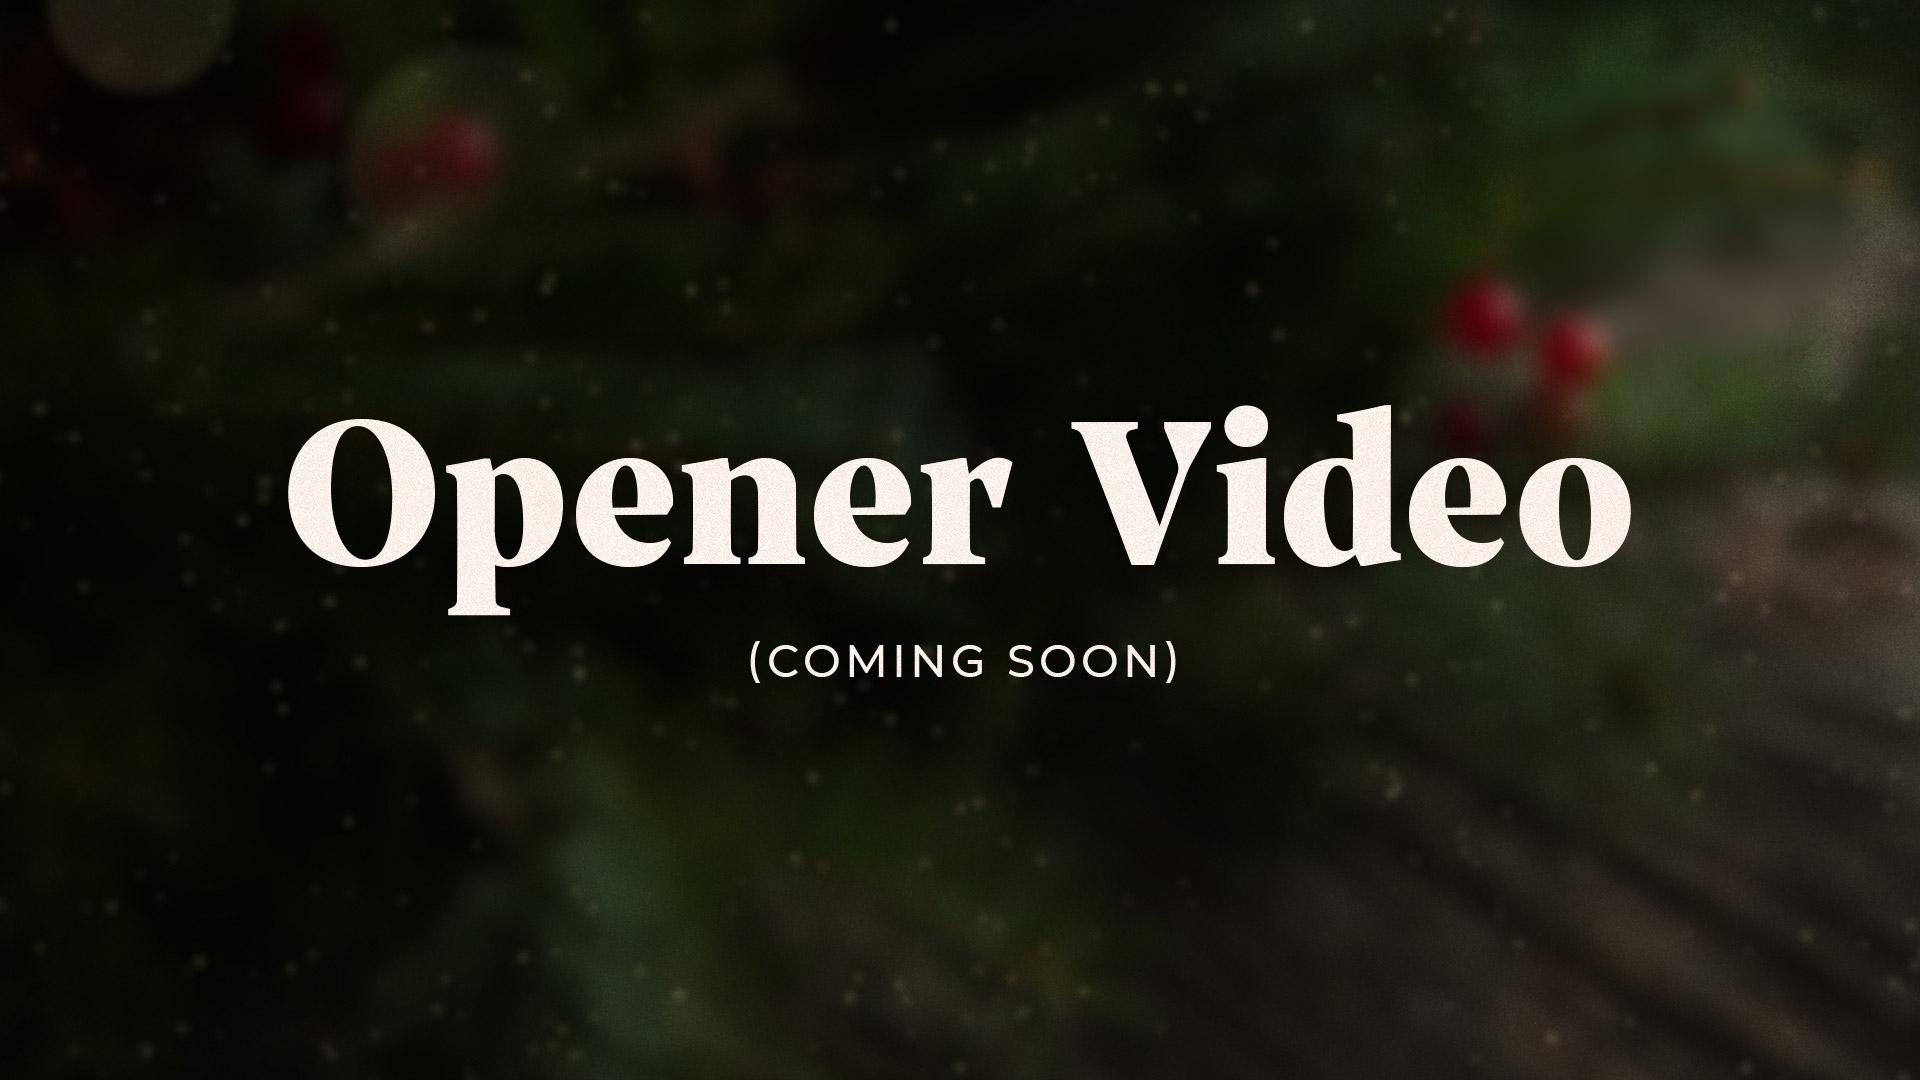 Opener Video